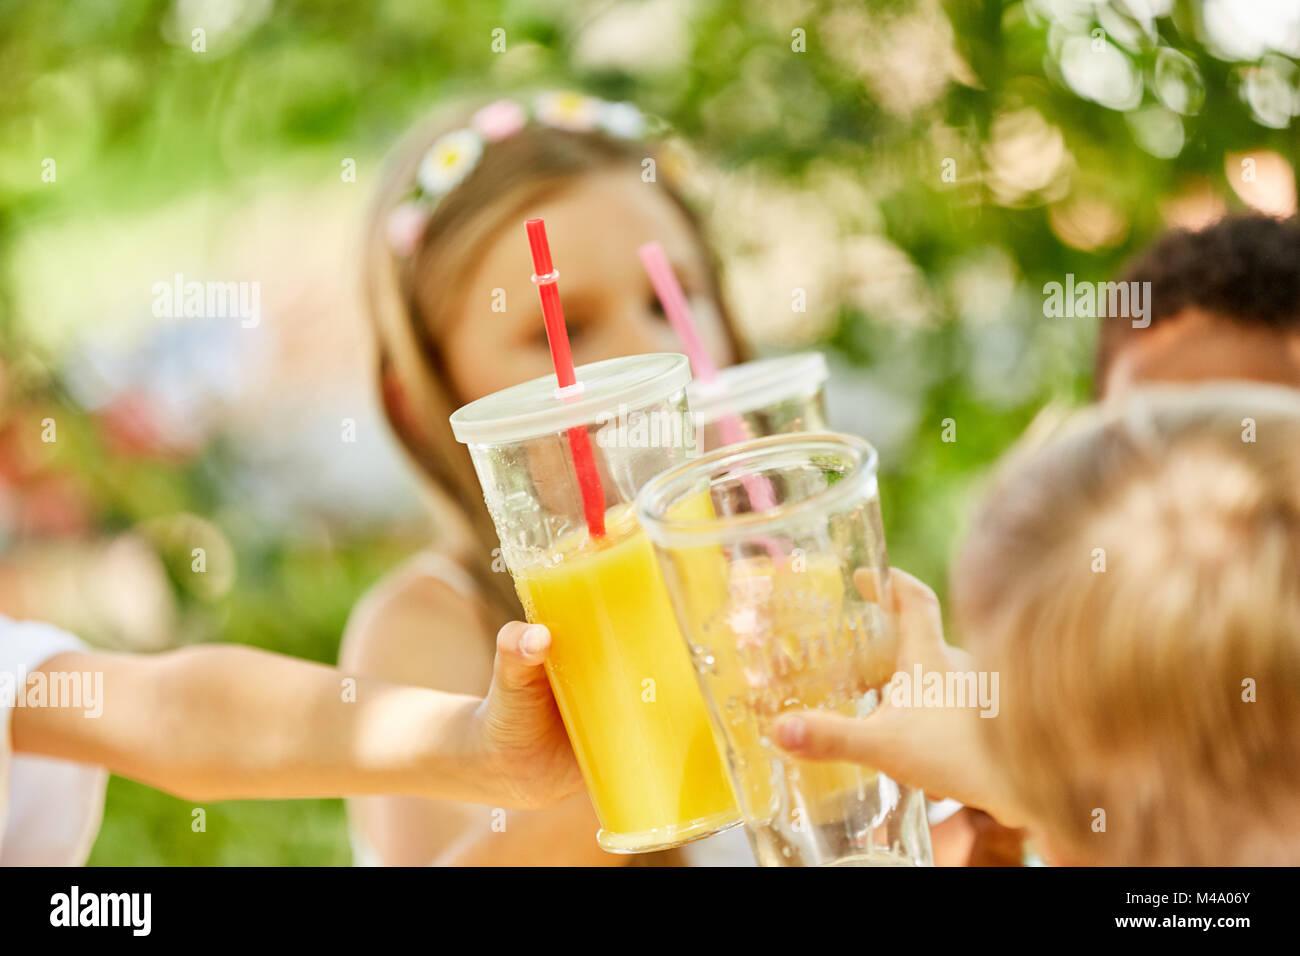 Kinder feiern und Toast mit Saft auf einem Kinder Geburtstag oder Party. Stockbild